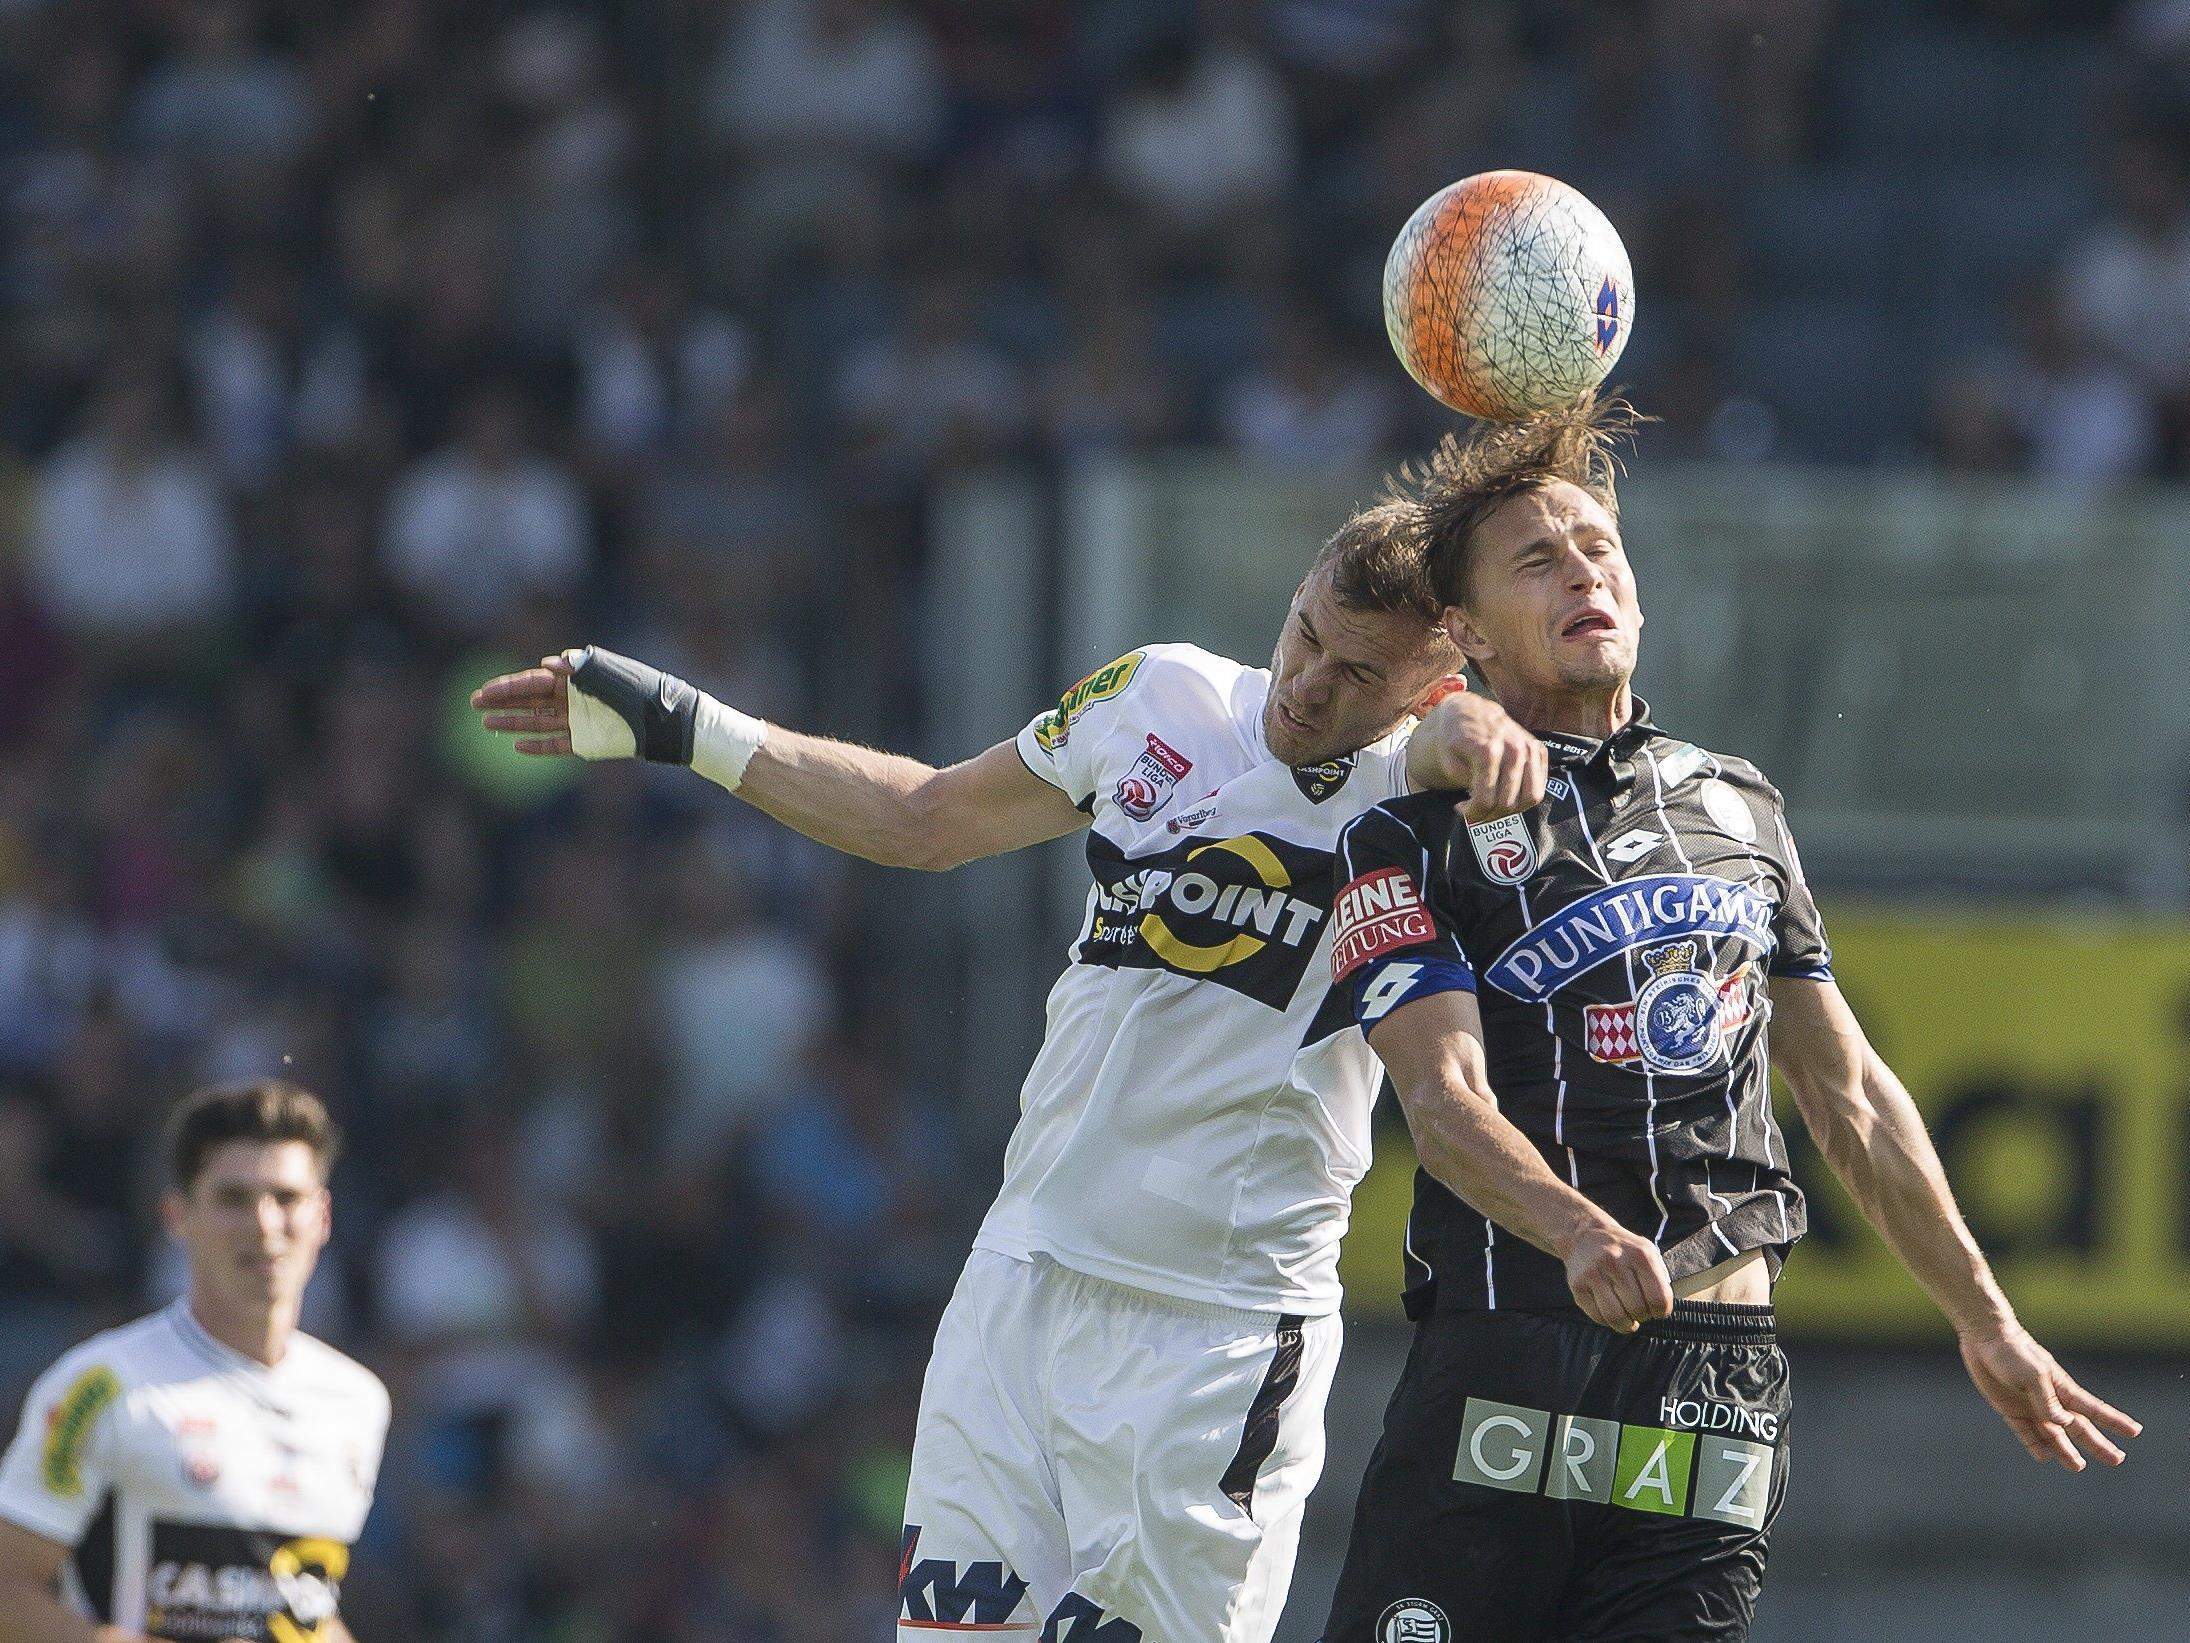 LIVE-Ticker zum Spiel SCR Altach gegen SK Sturm Graz ab 16.00 Uhr.